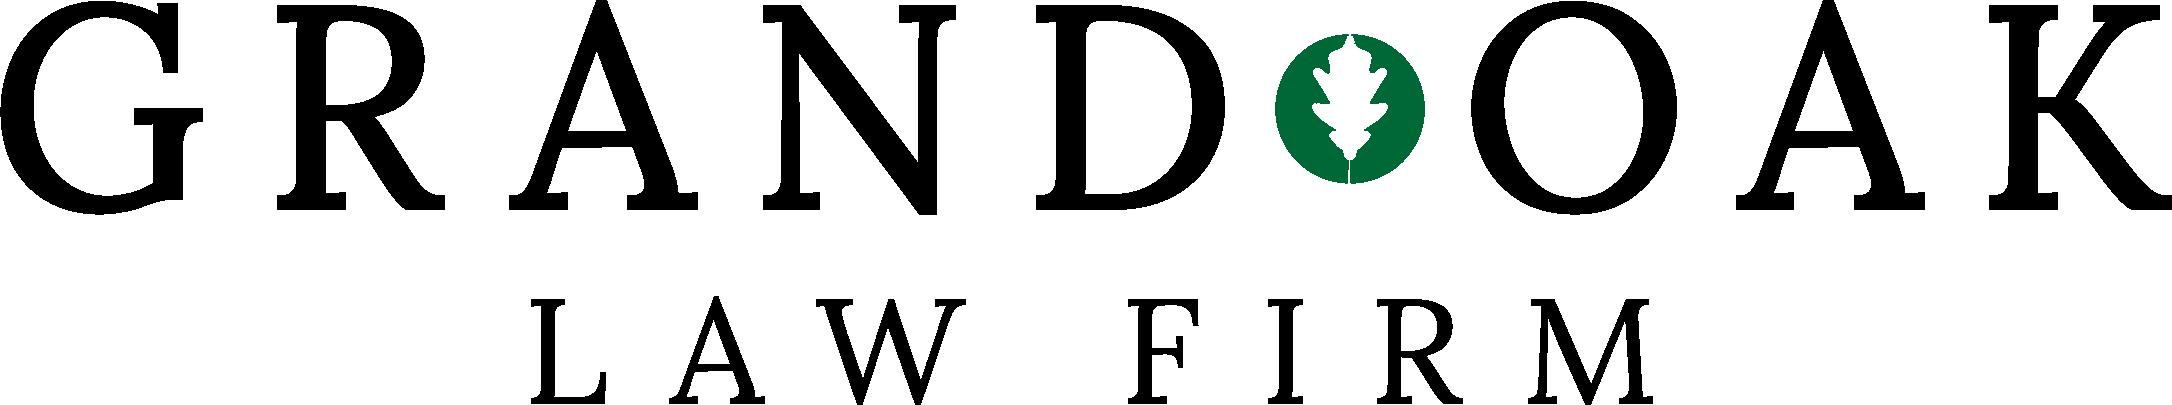 Grand Oak Law firm logo